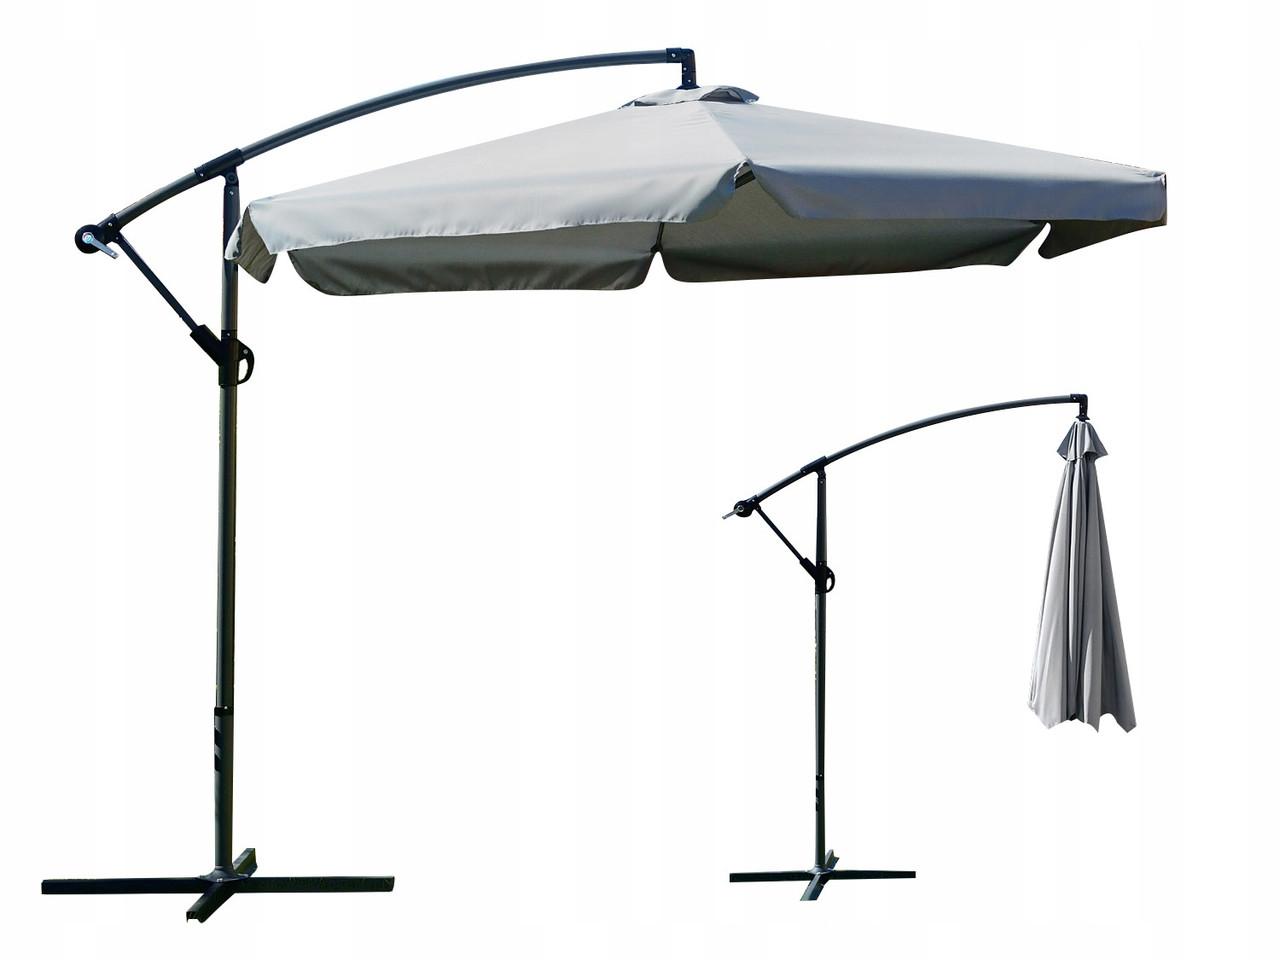 Садовый зонт с боковой стойкой 3 м Парасоля Серый